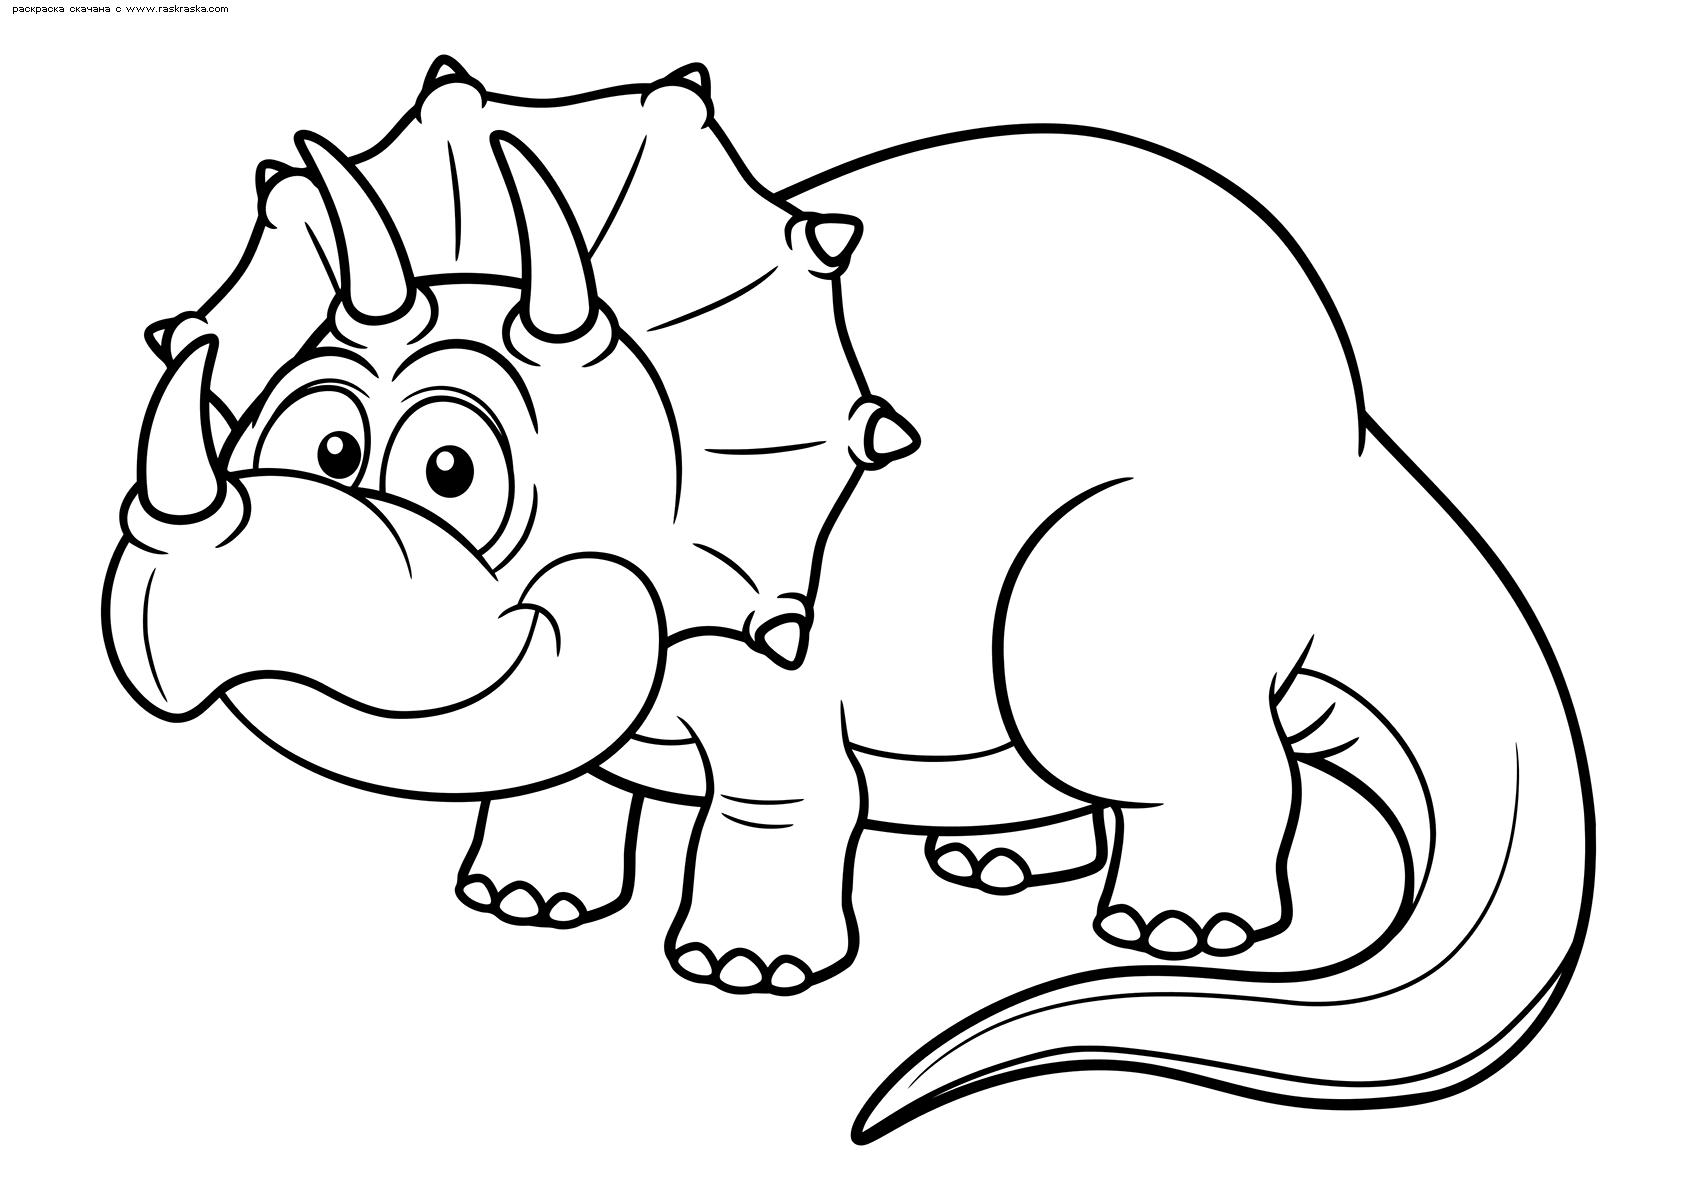 Раскраска Взрослый трицератопс. Раскраска динозавр